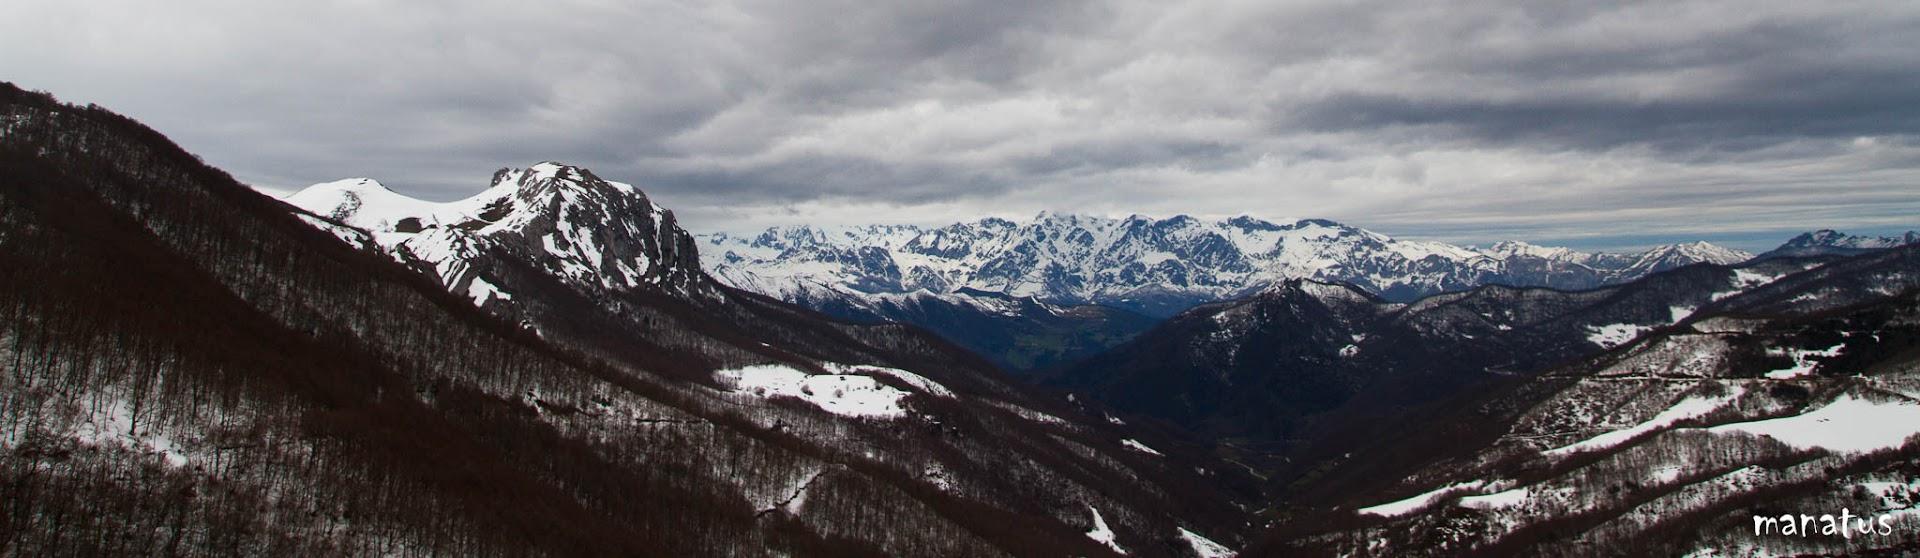 manatus panorámica nevada